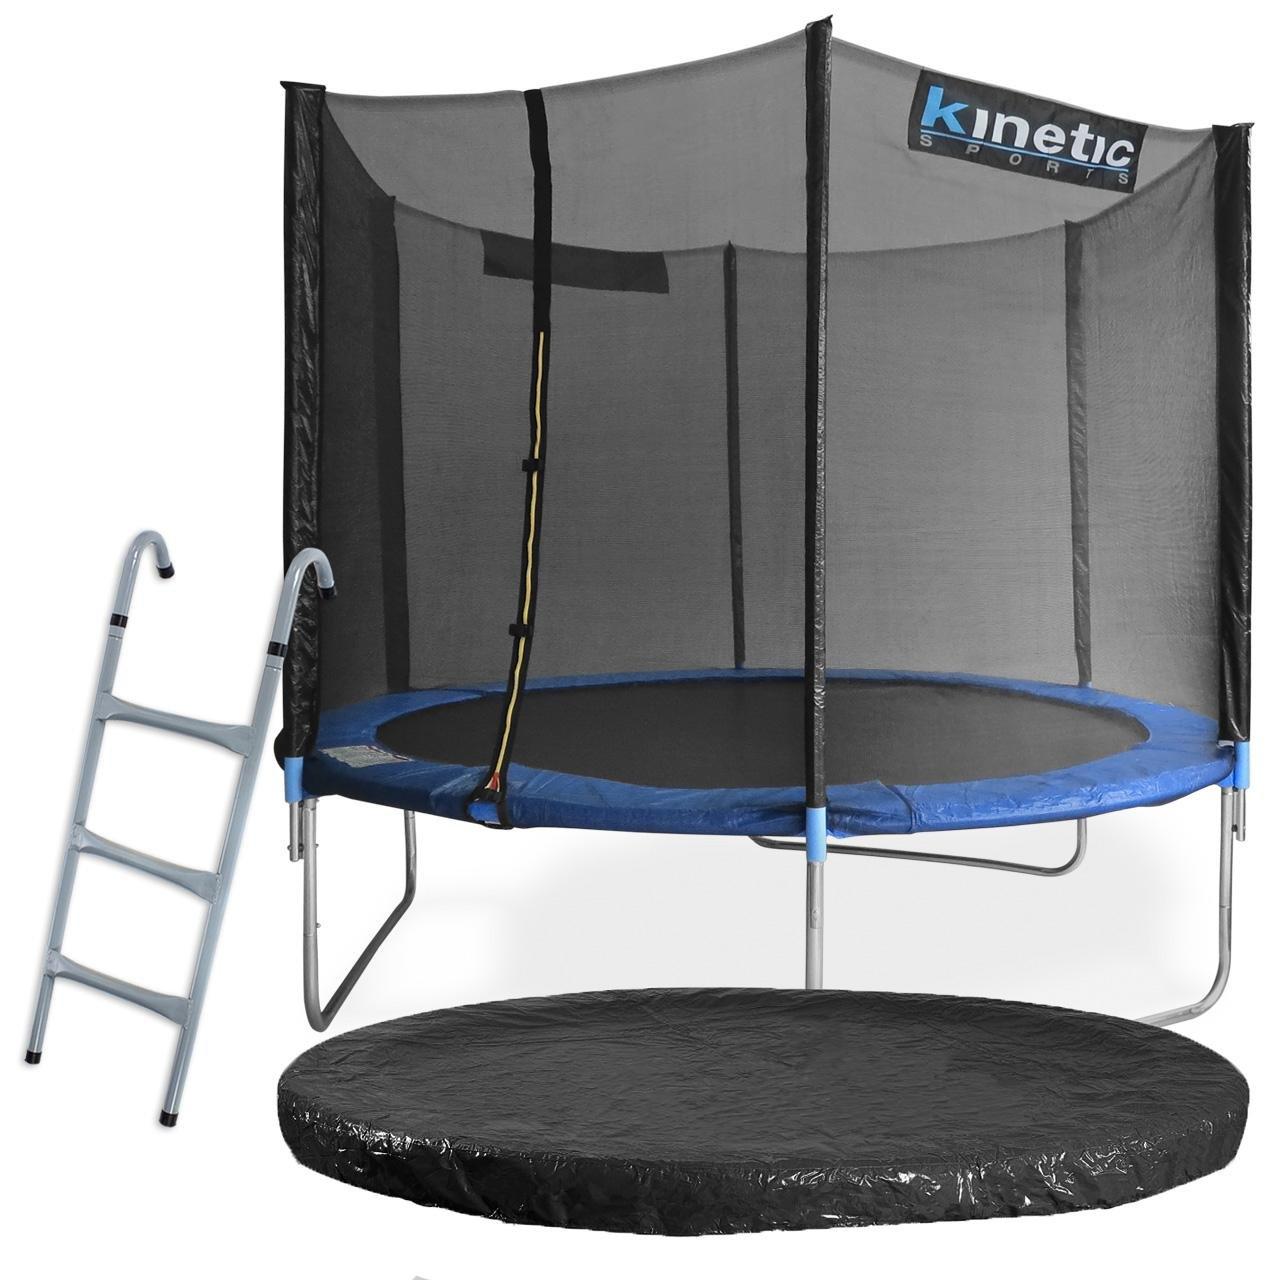 Kinetic Sports Outdoor Gartentrampolin Komplett-Set inkl. Sicherheitsnetz Randabdeckung Leiter Abdeckplane günstig